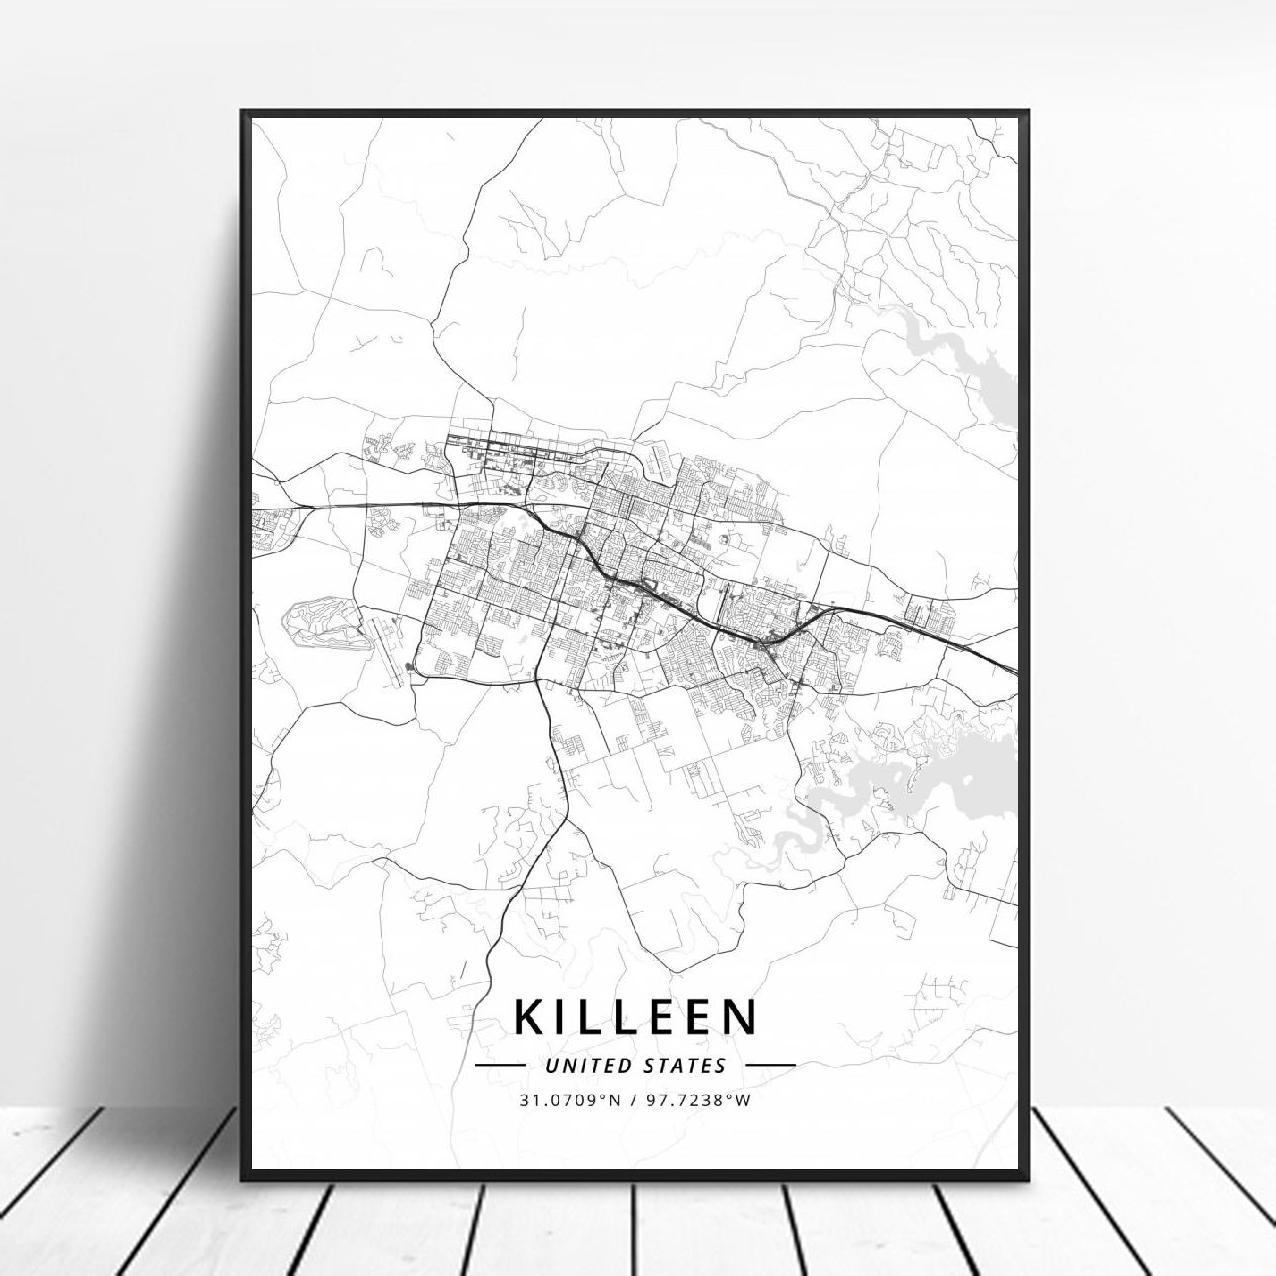 Killeen-Póster de arte en lienzo con mapa de los Estados Unidos, triangulación...